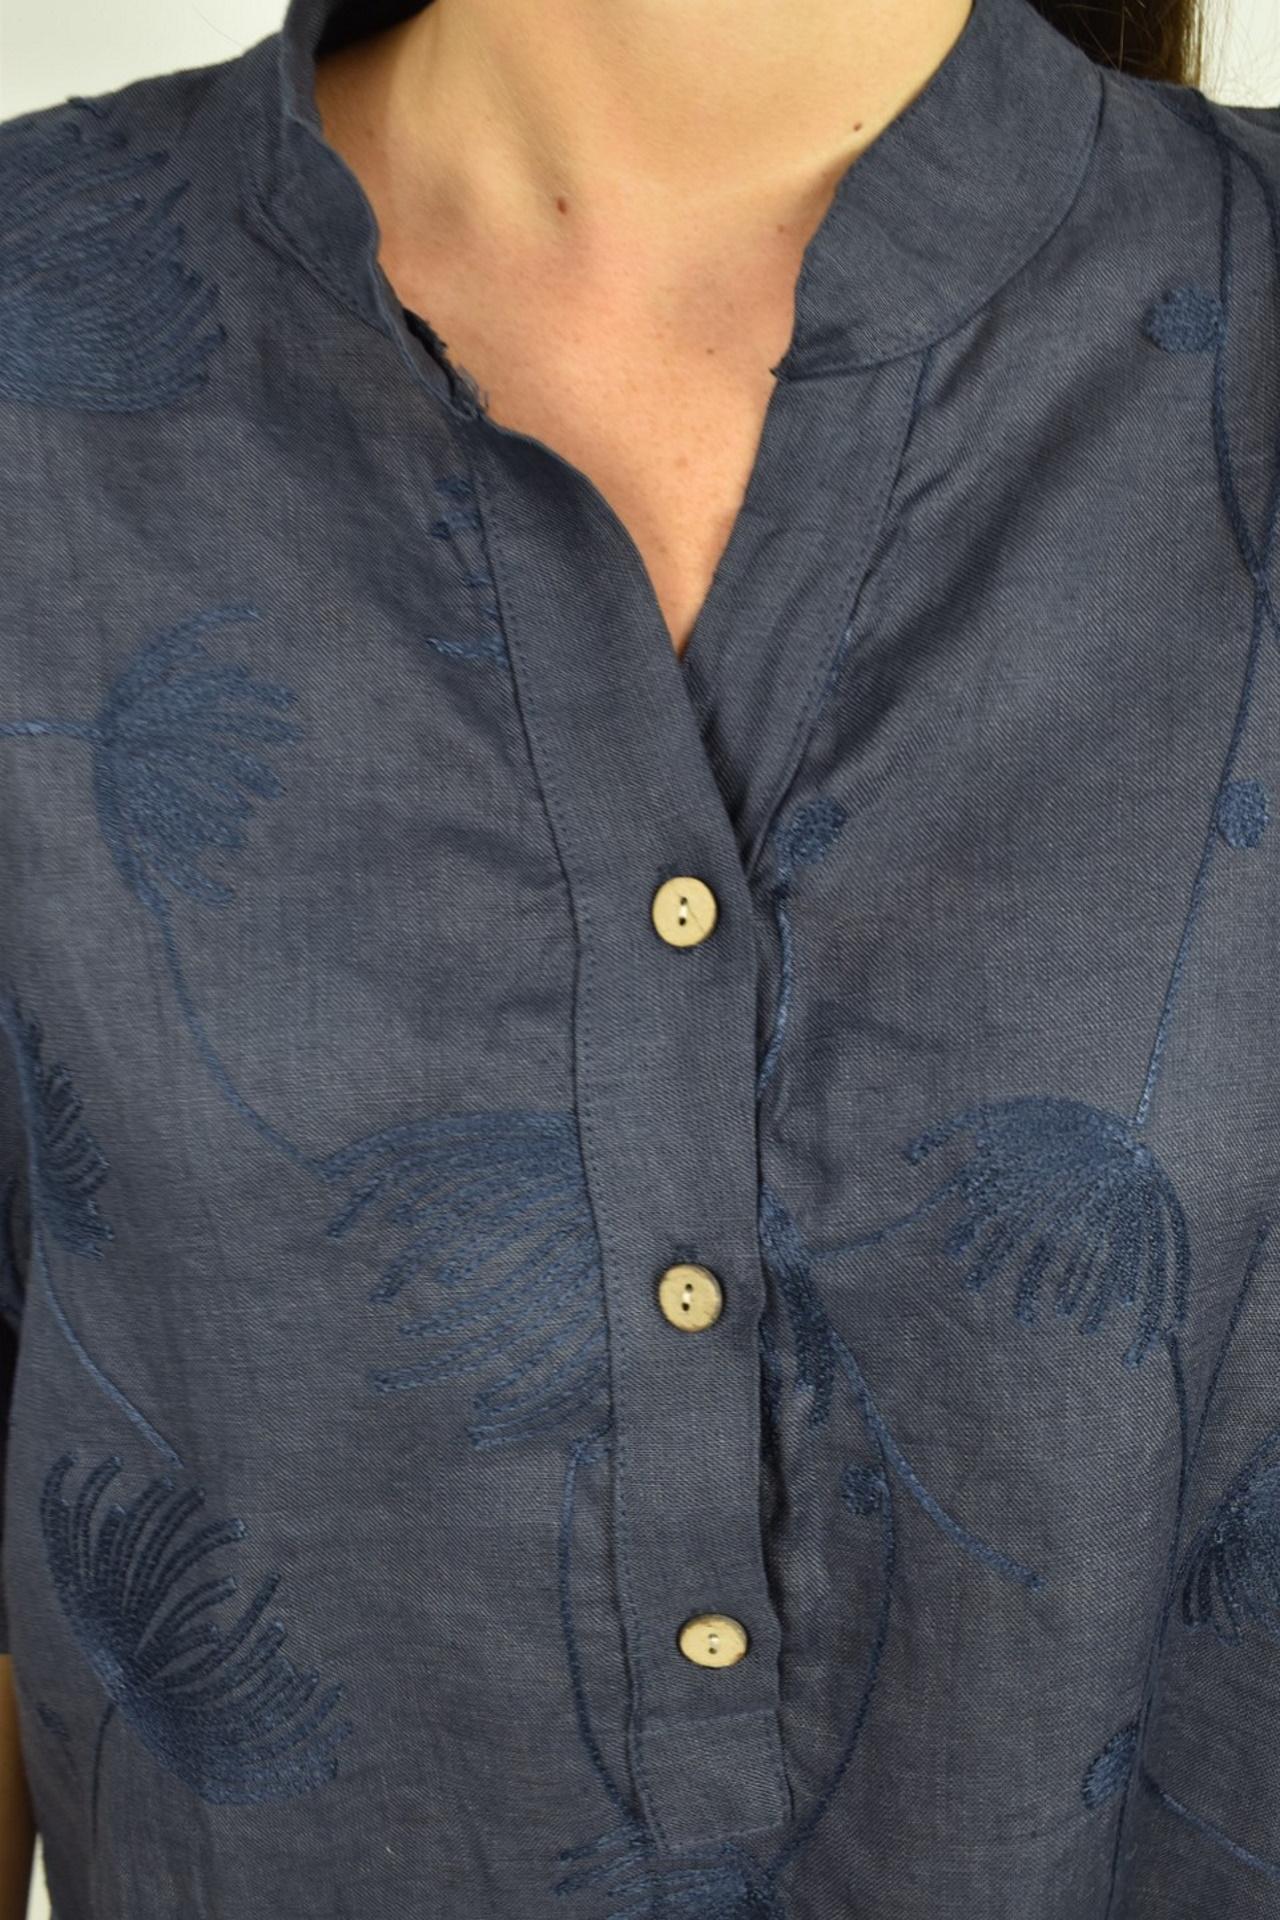 CAMMAXPE2101 BLU CAMICIA DA DONNA MANICA 34 100 LINO 2 1stAmerican camicia manica 3/4 da donna 100% lino Made in Italy - vestito collo a y da spiaggia donna